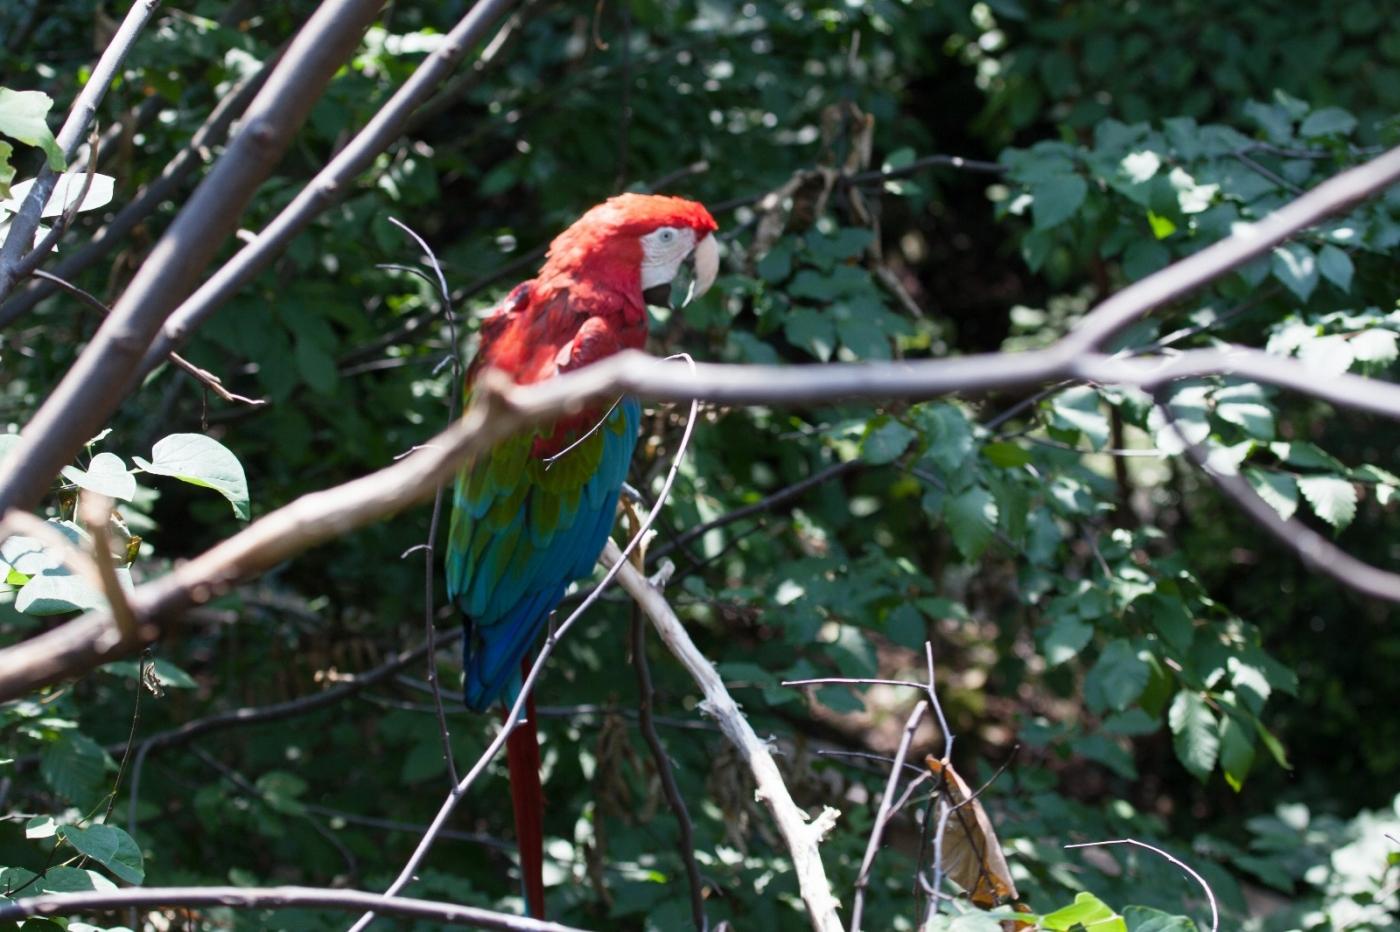 动物园花絮(摄于布朗士动物园,皇后区动物园)_图1-20